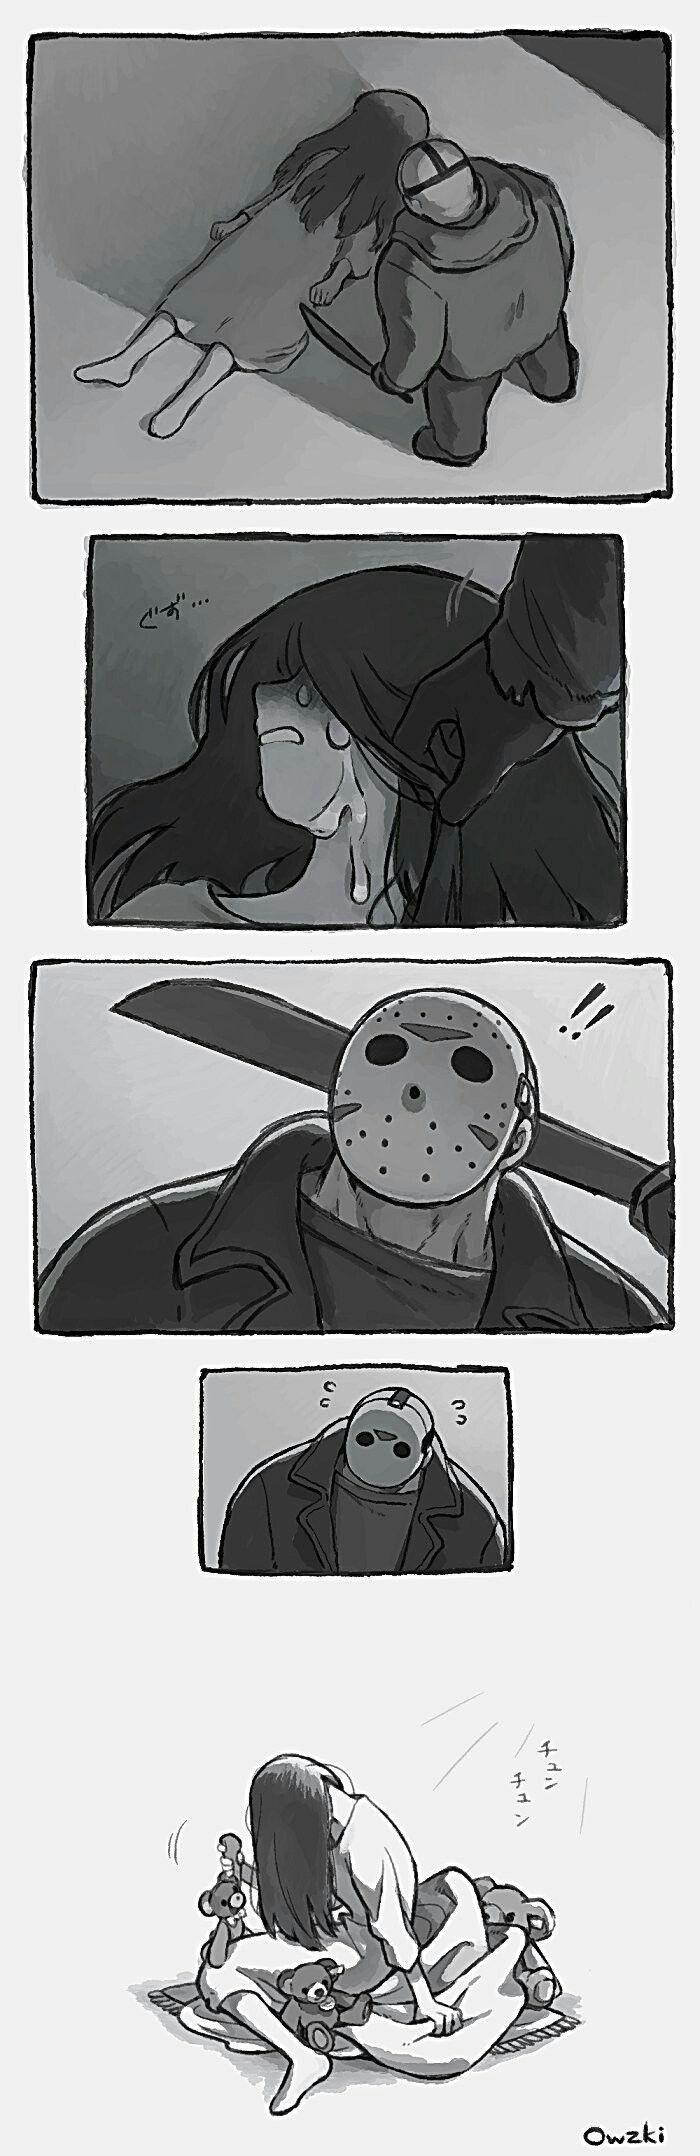 -no teníamos que pelear haci Jason -..... -.... -le quita los mechones de pelo-...